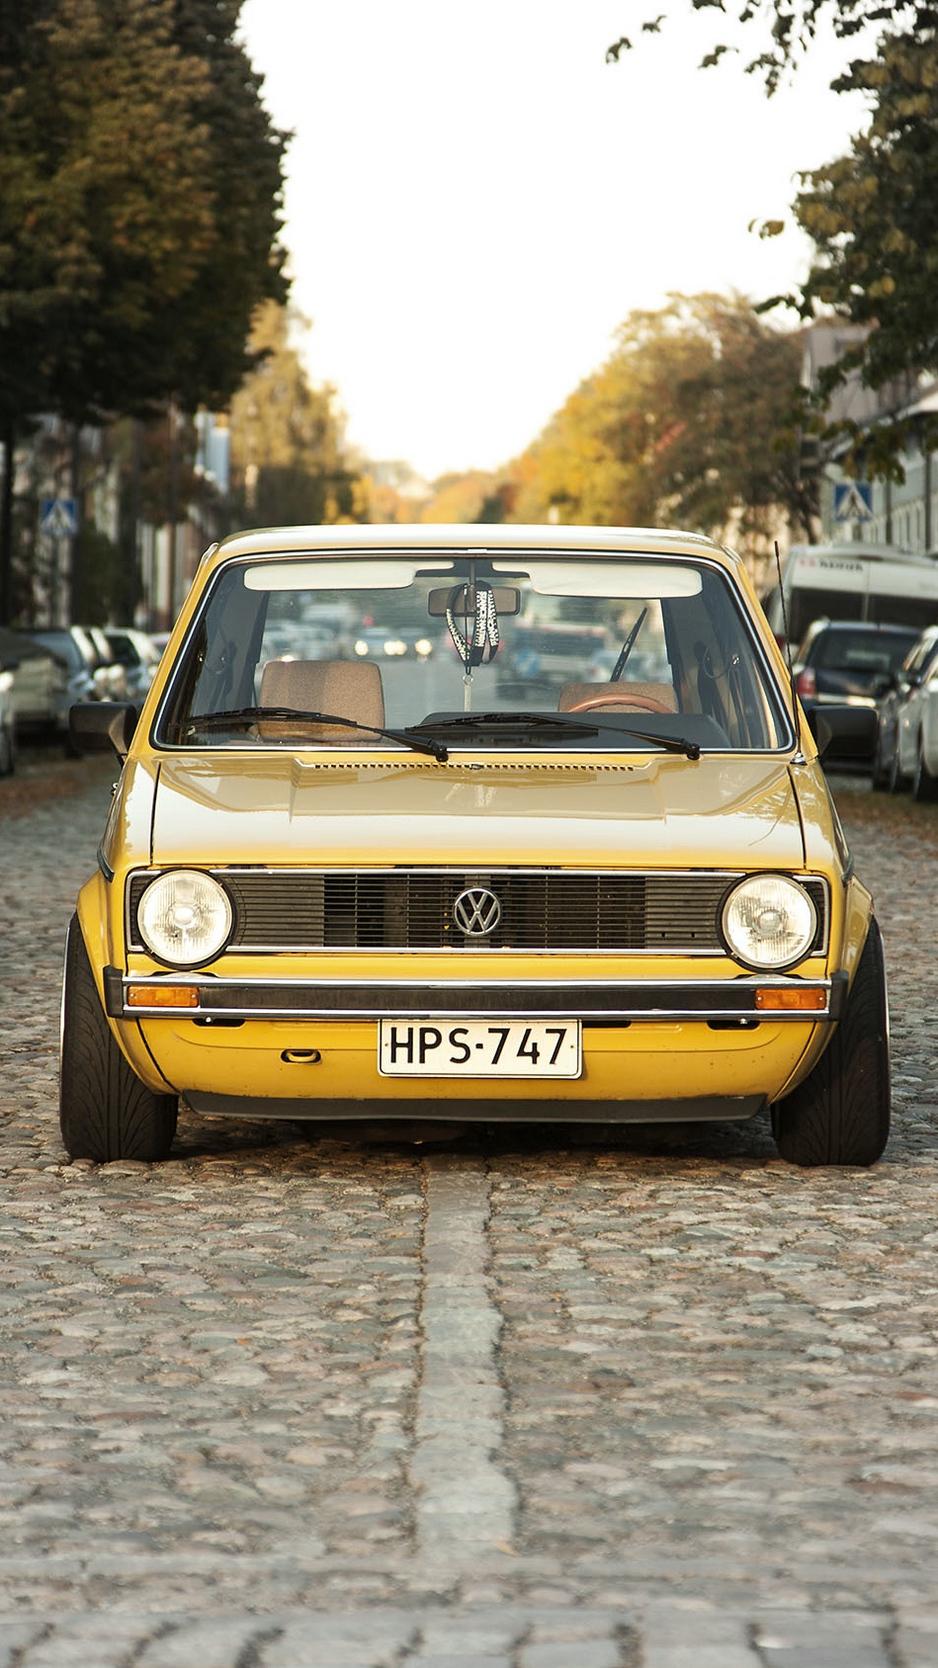 Download wallpaper 938x1668 volkswagen golf mk1 yellow front 938x1668